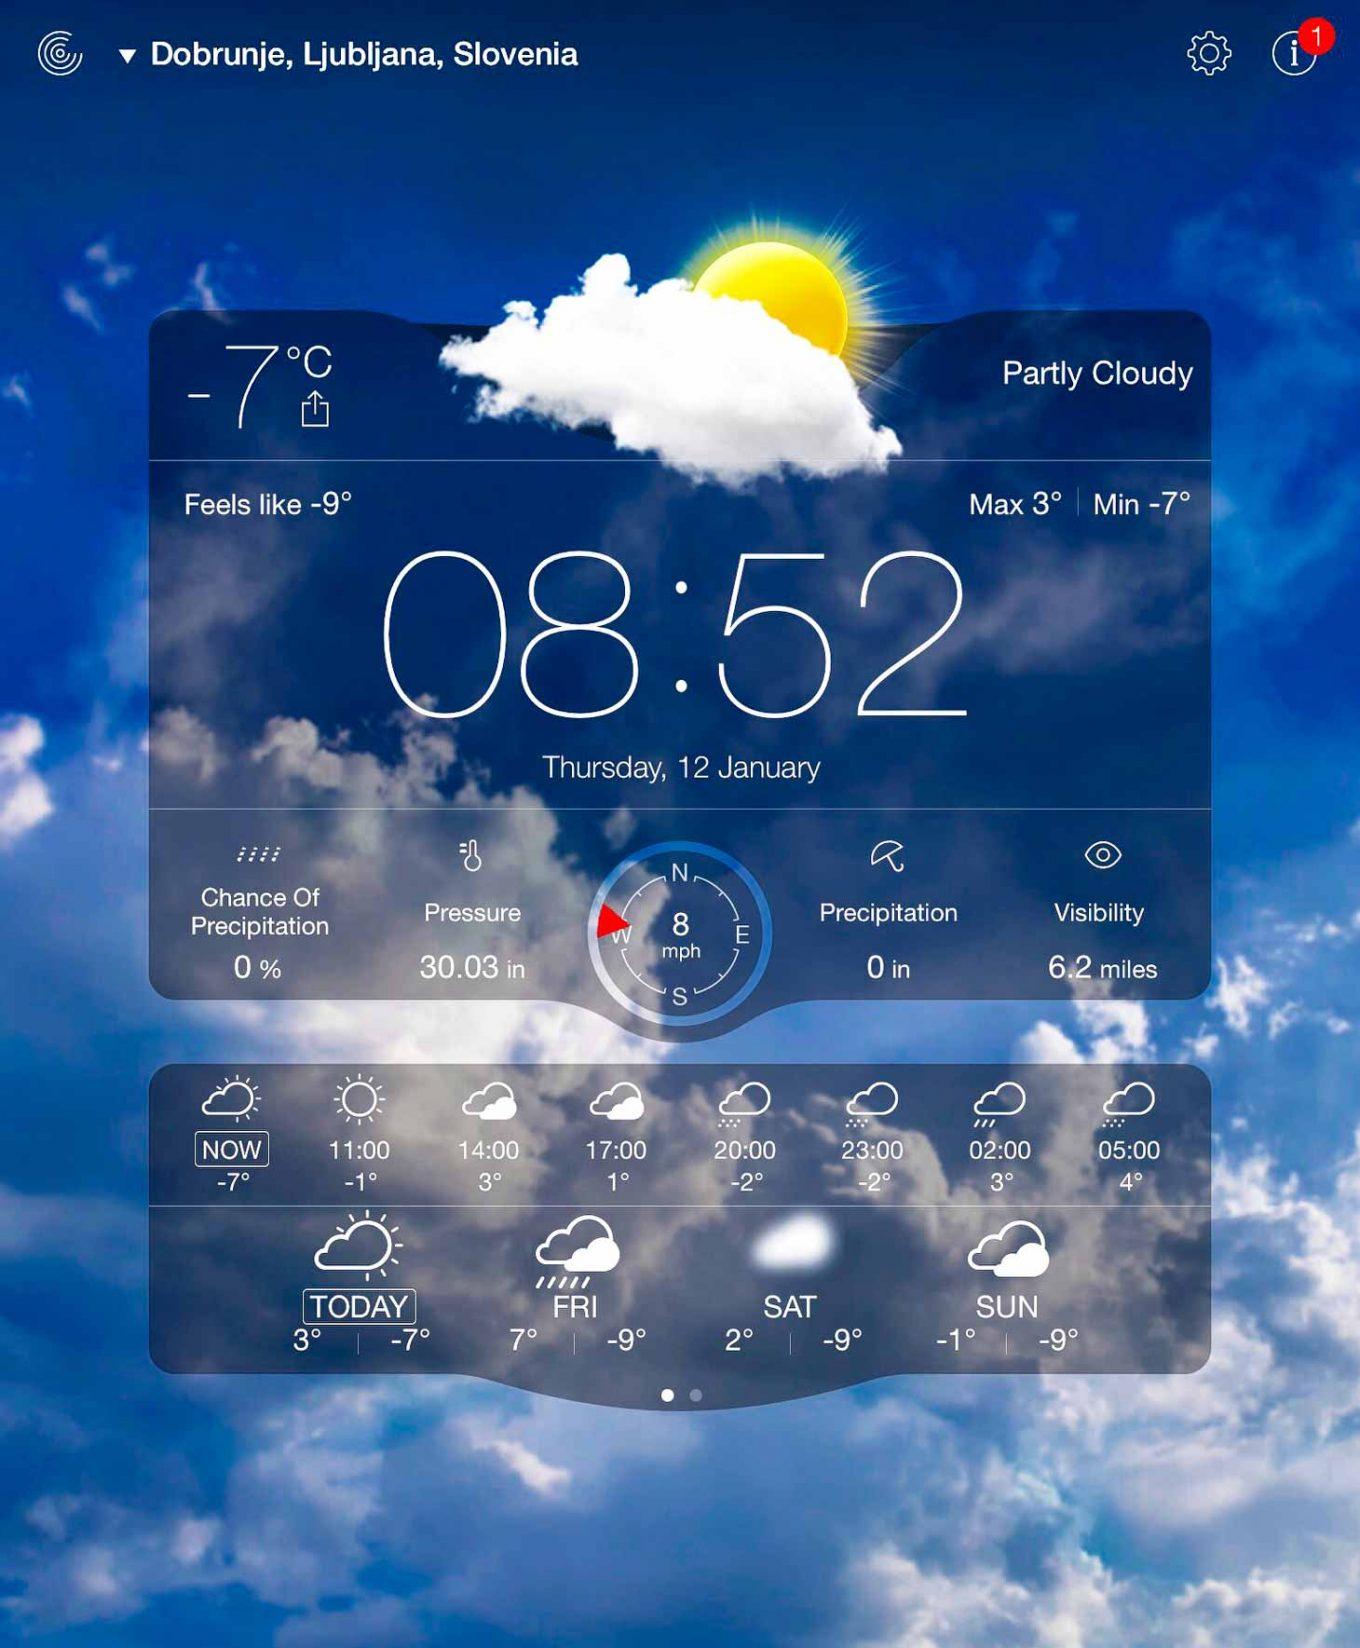 Kašelj weather | yumsome.com